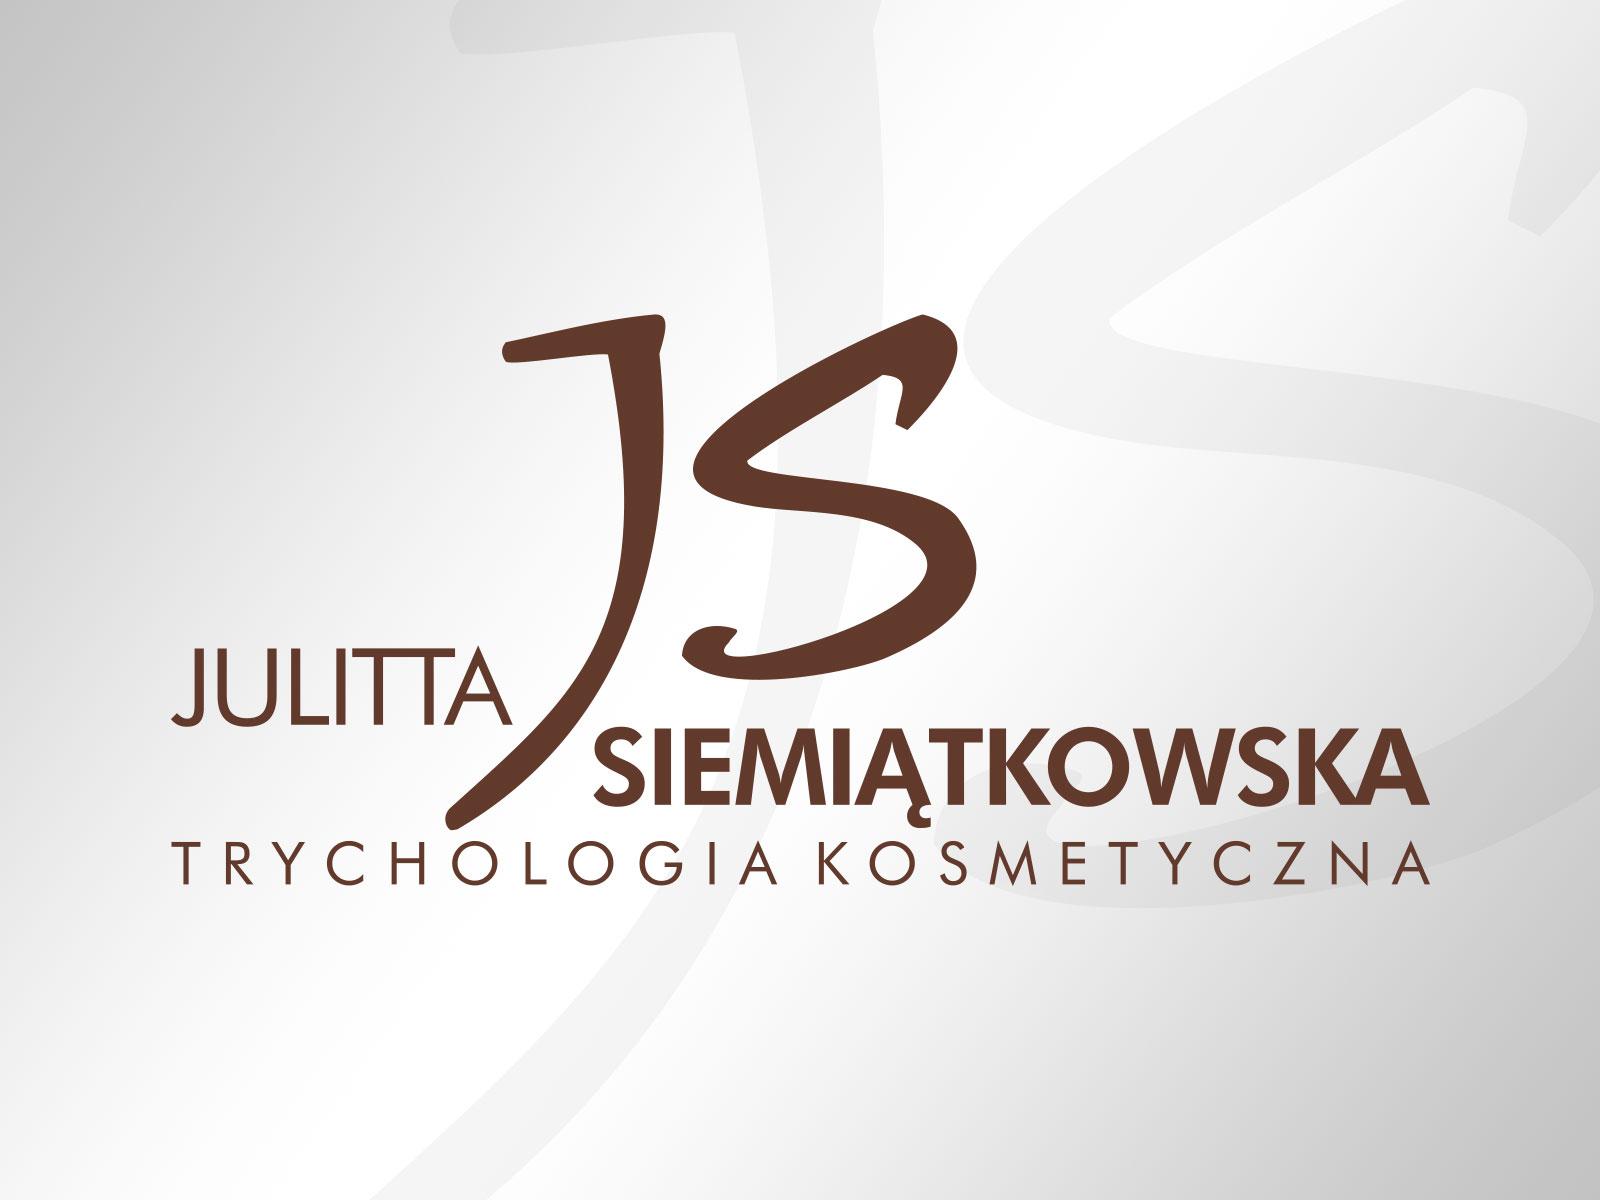 Logo Julitta Siemiątkowska